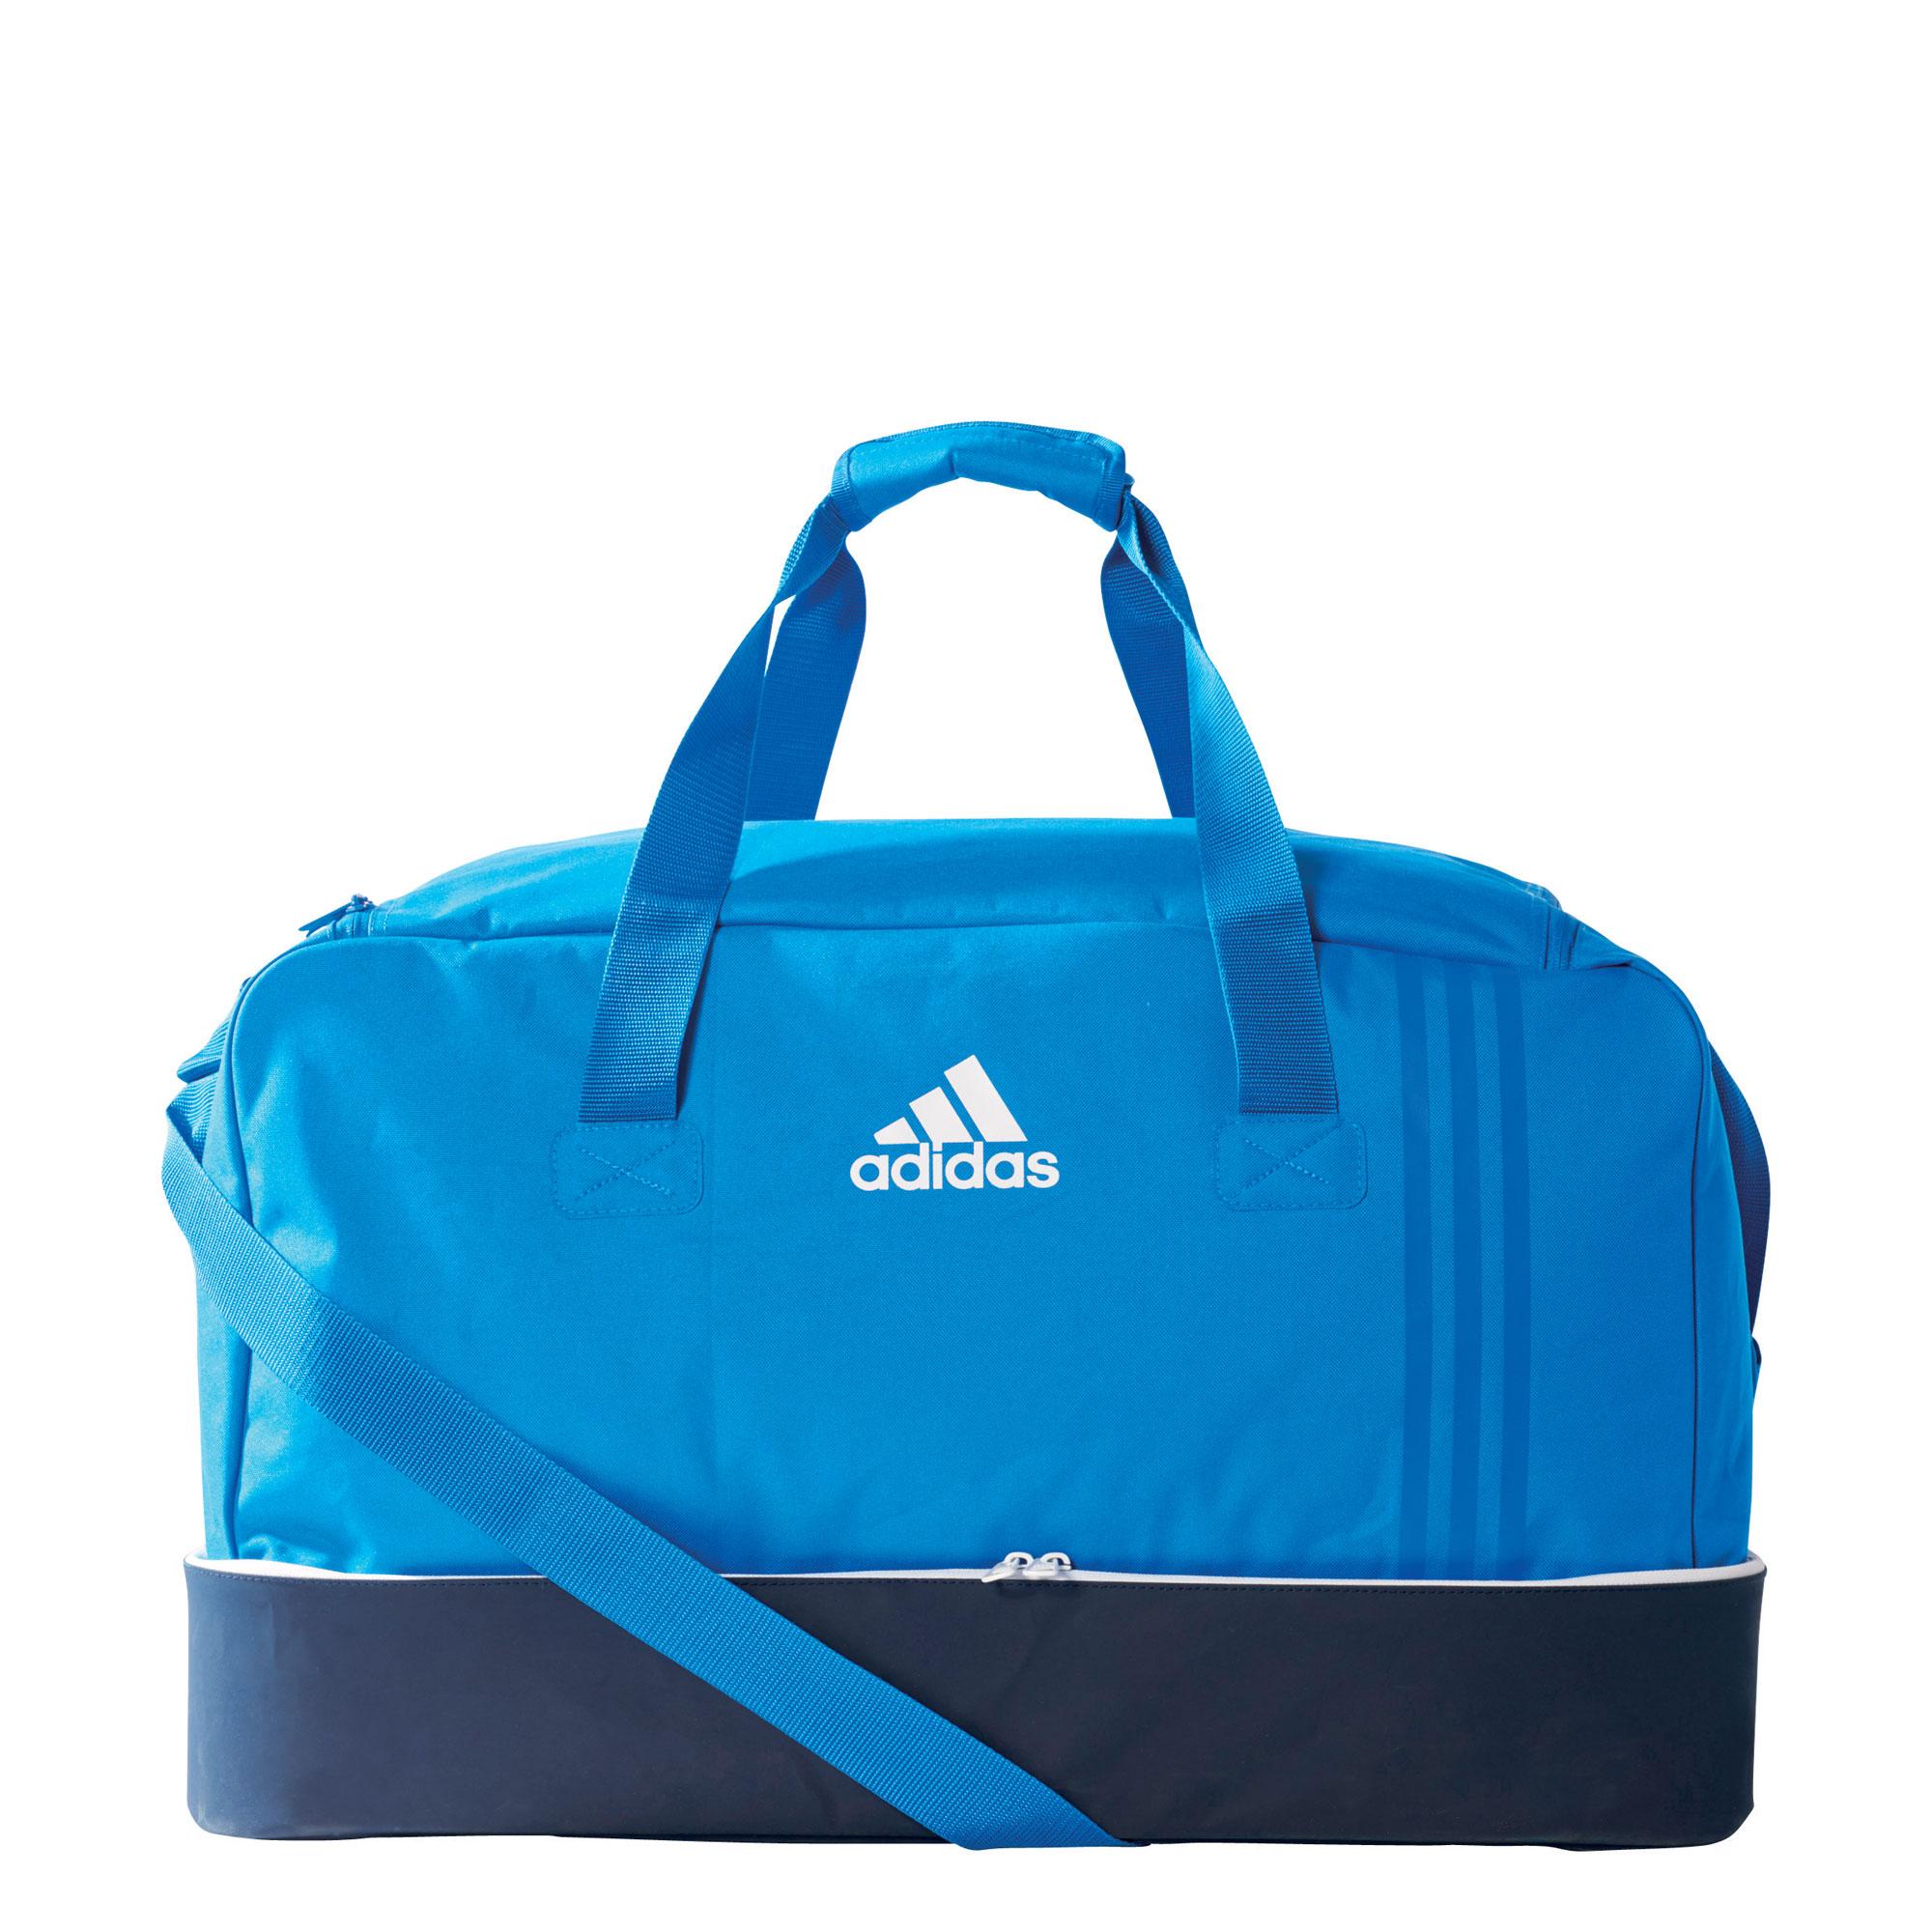 adidas Sporttasche Teambag mit Bodenfach Tiro 17 BS4755 L